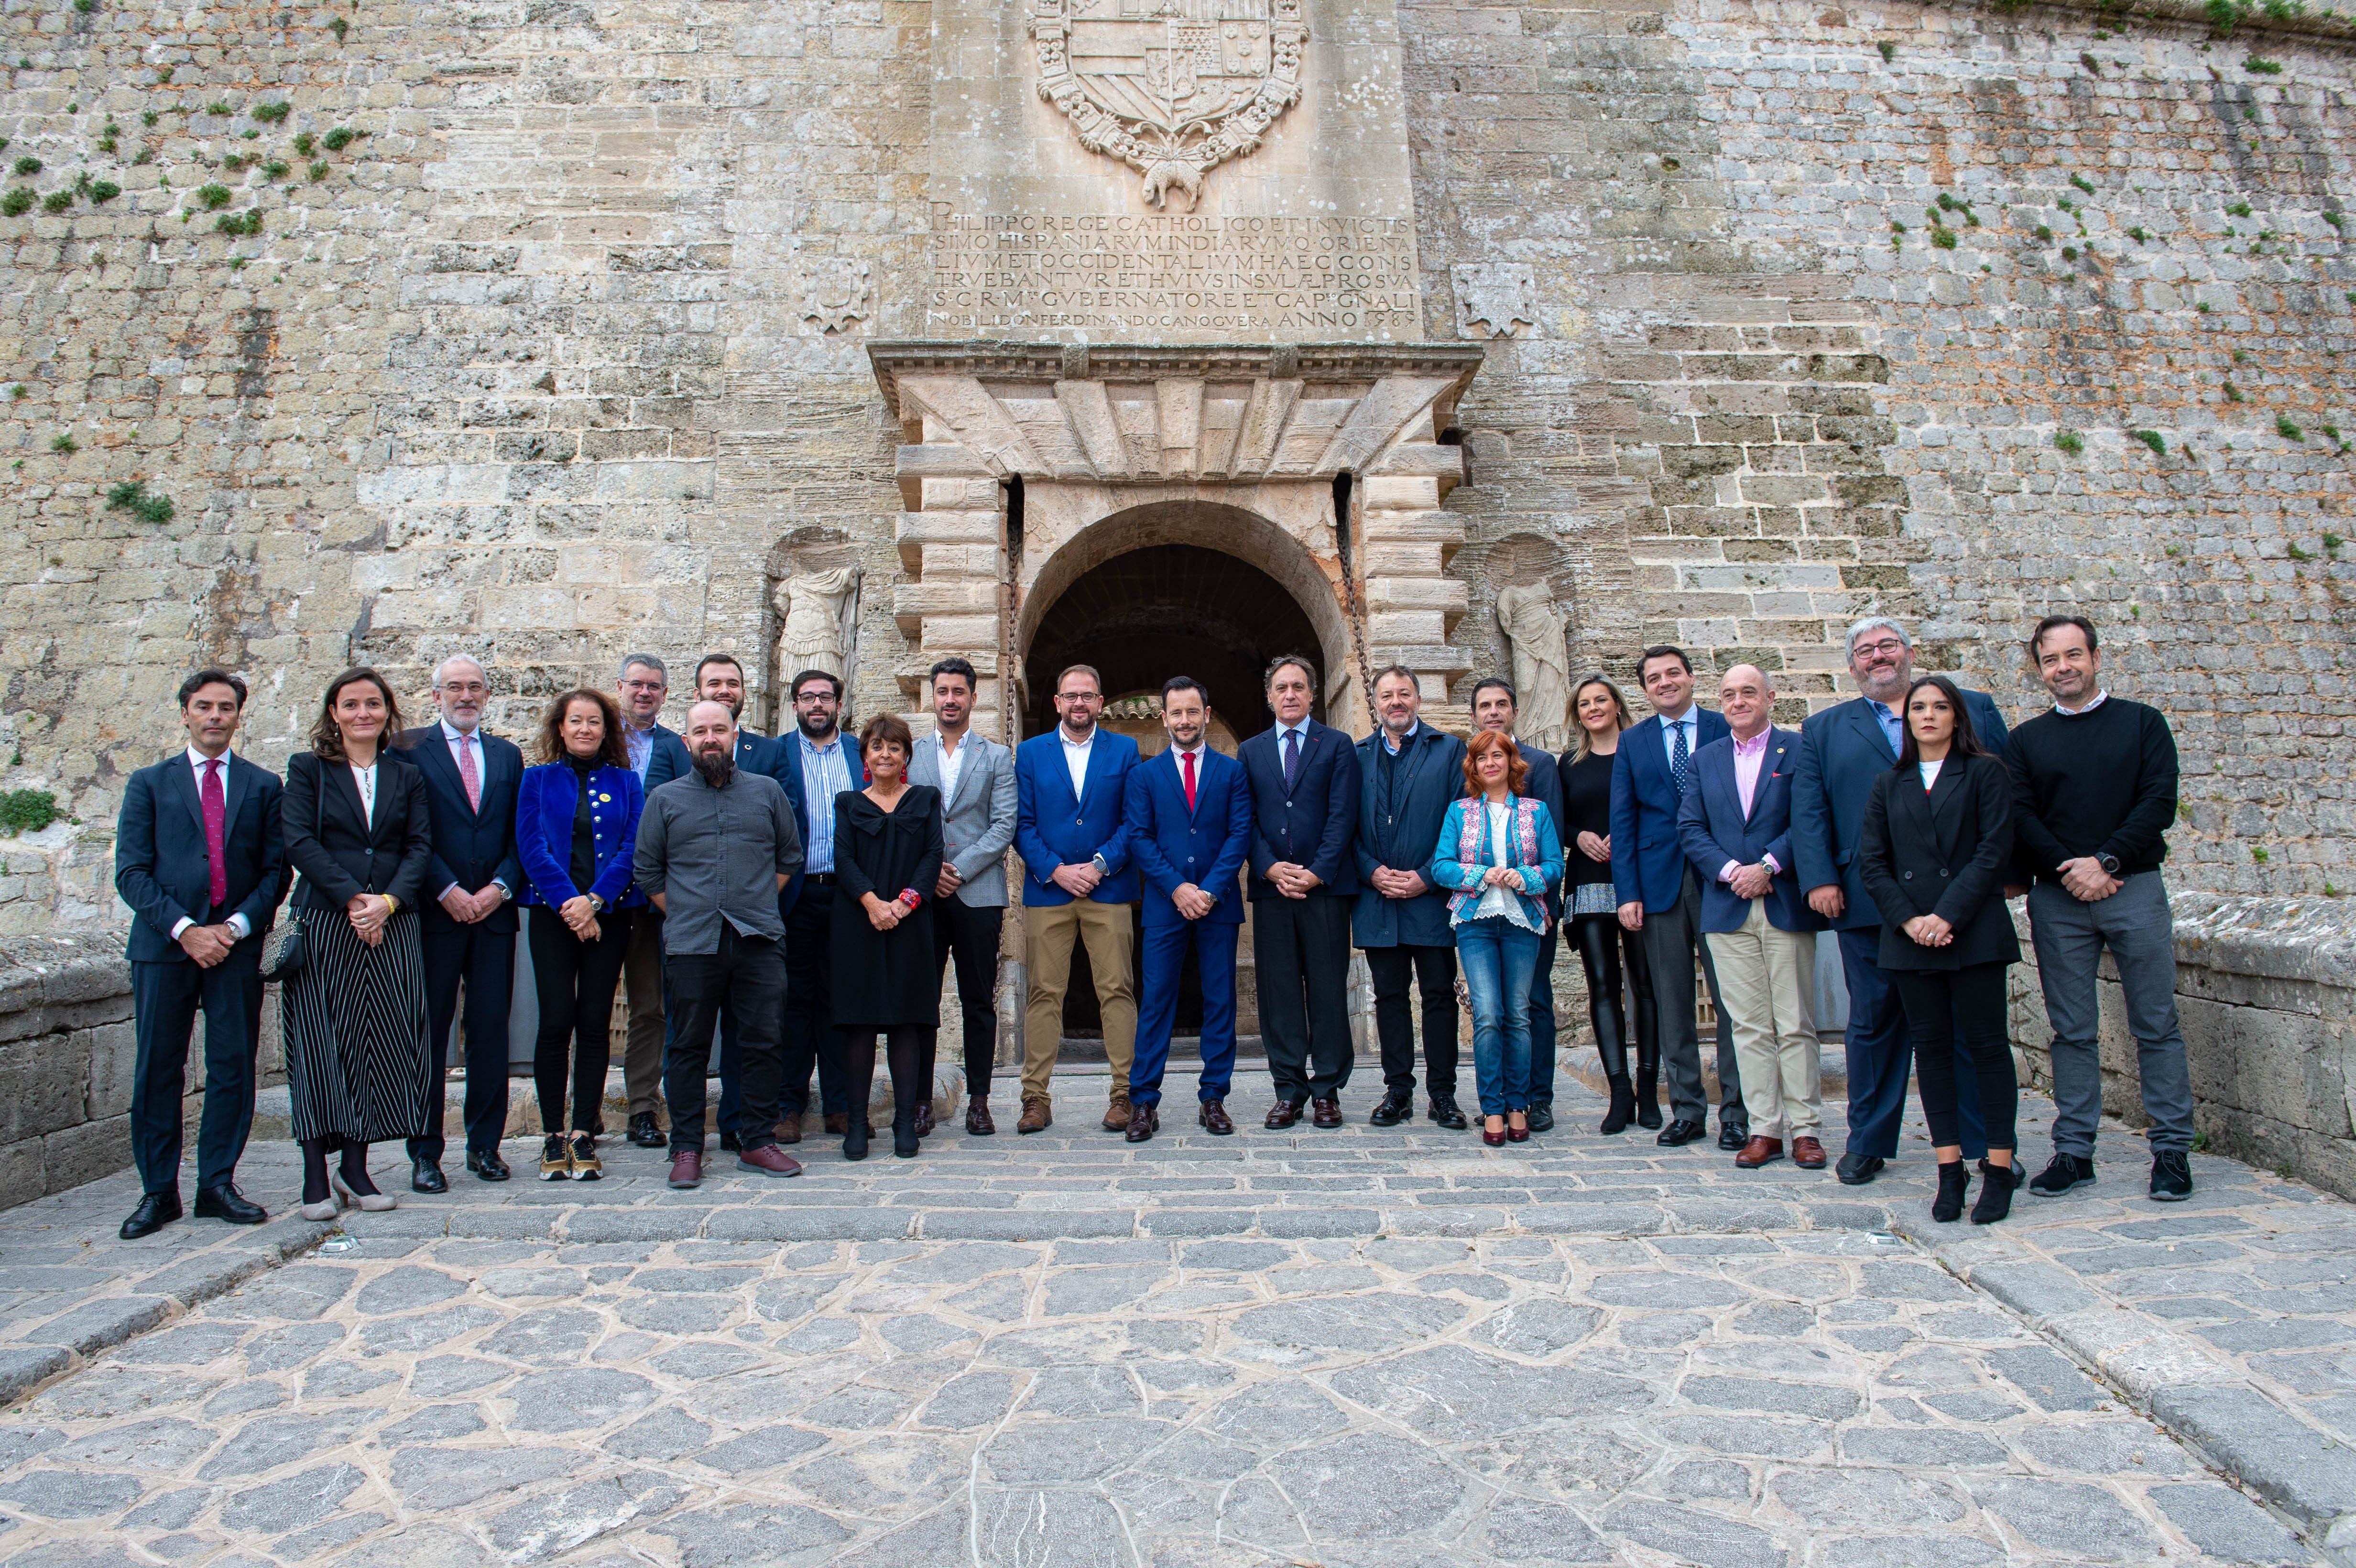 Grupo Ciudades Patrimonio 2